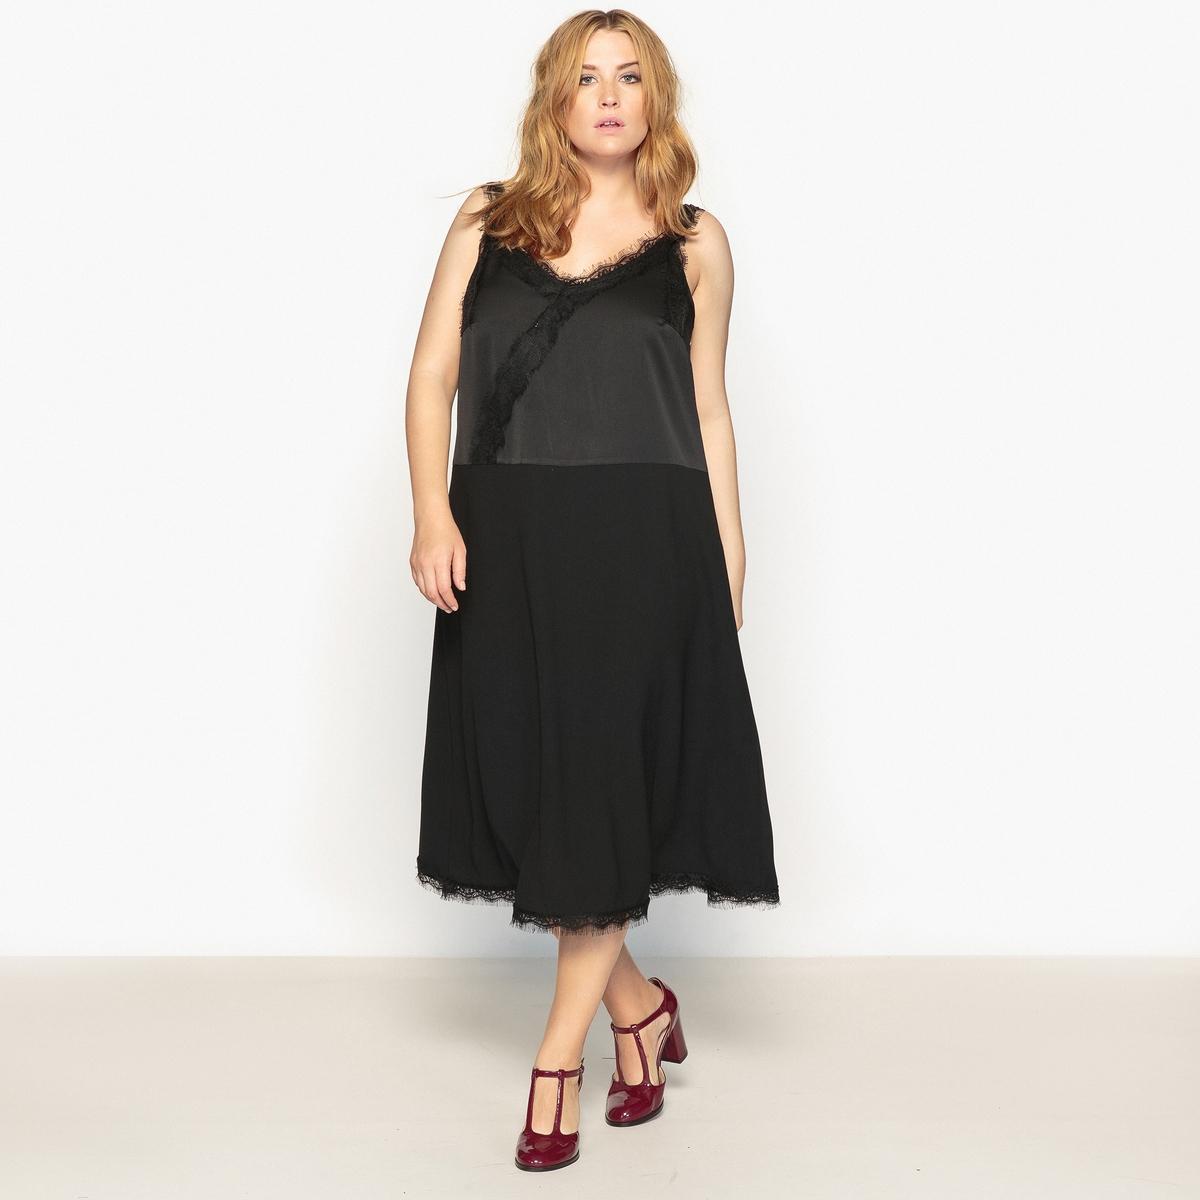 Платье прямое длинное, однотонное, с тонкими бретелями